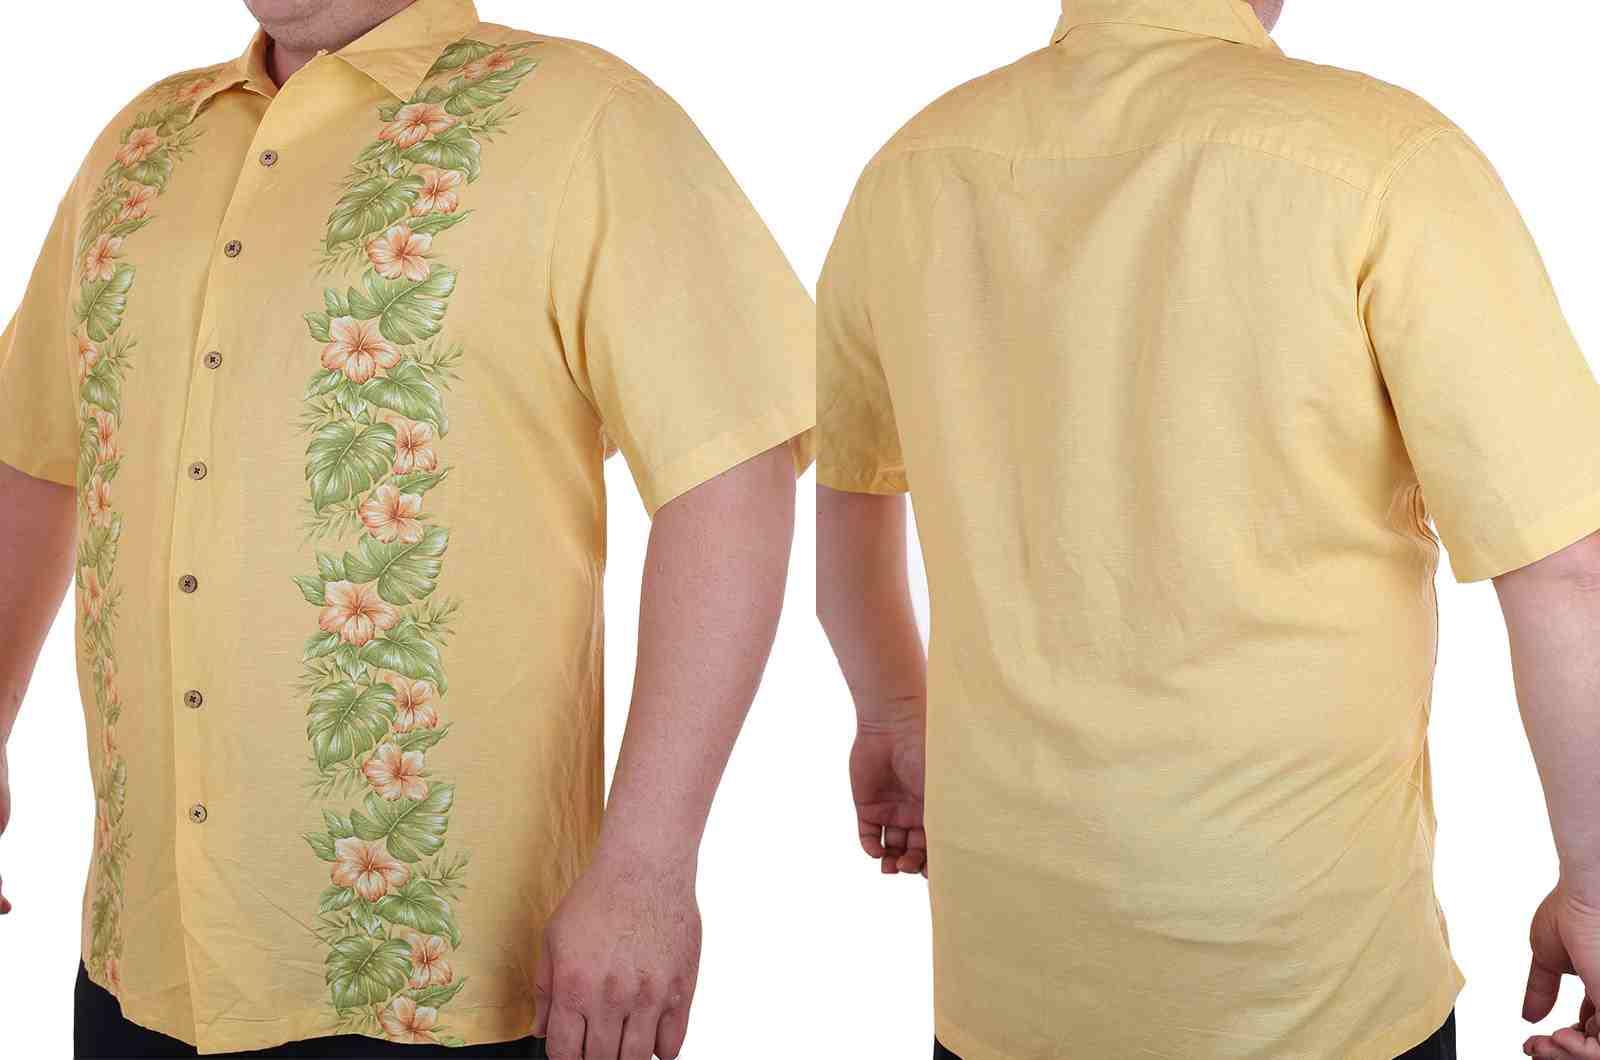 Курортная рубашка больших размеров (батал) для высоких мужчин Caribbean Joe-двойной ракурс